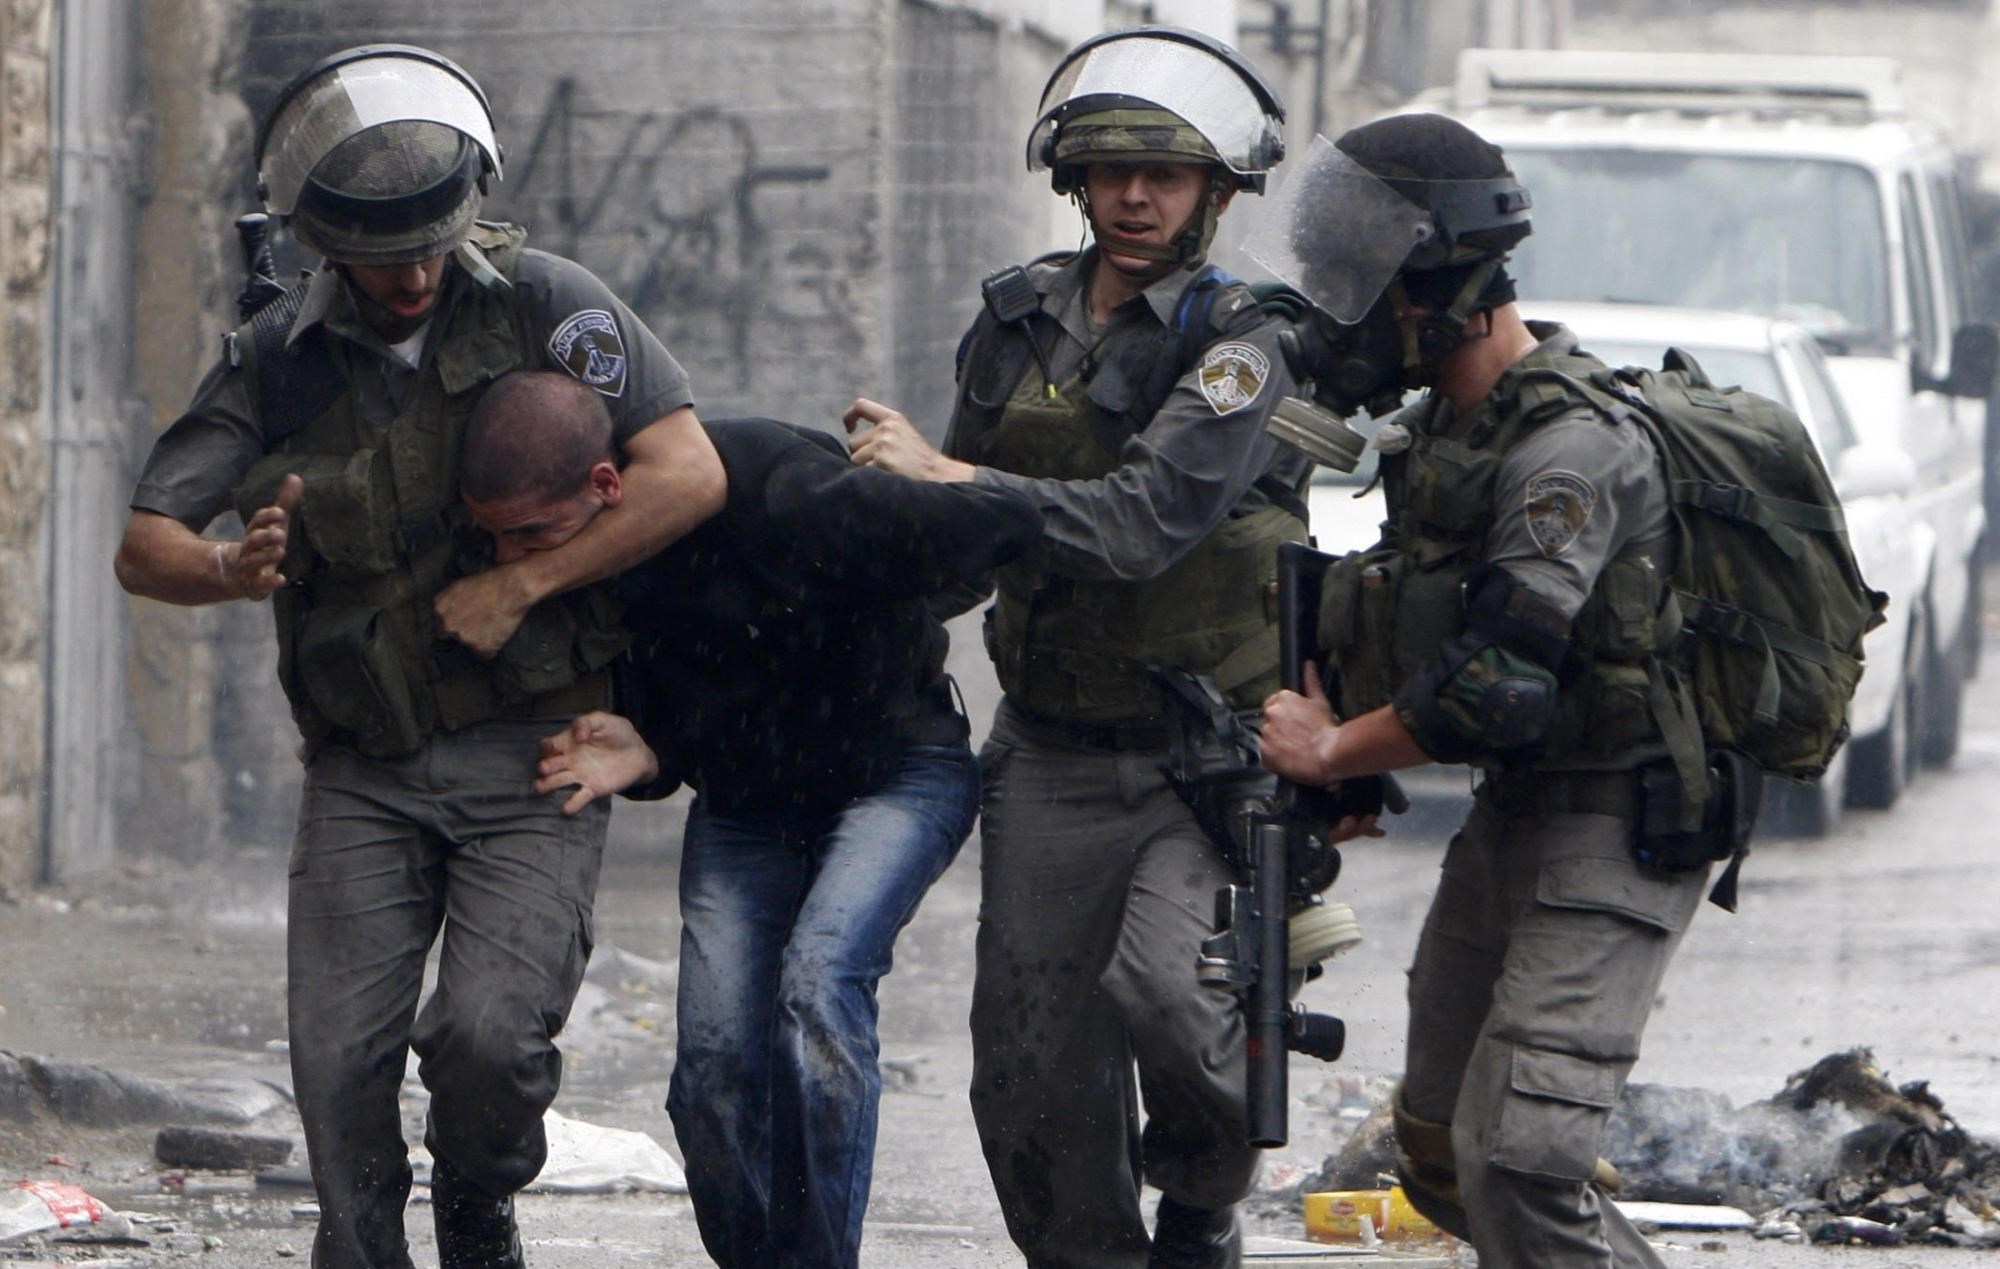 قوات الاحتلال تعتقل عدداً من الفلسطينيين في قرية برقة شمال غرب نابلس